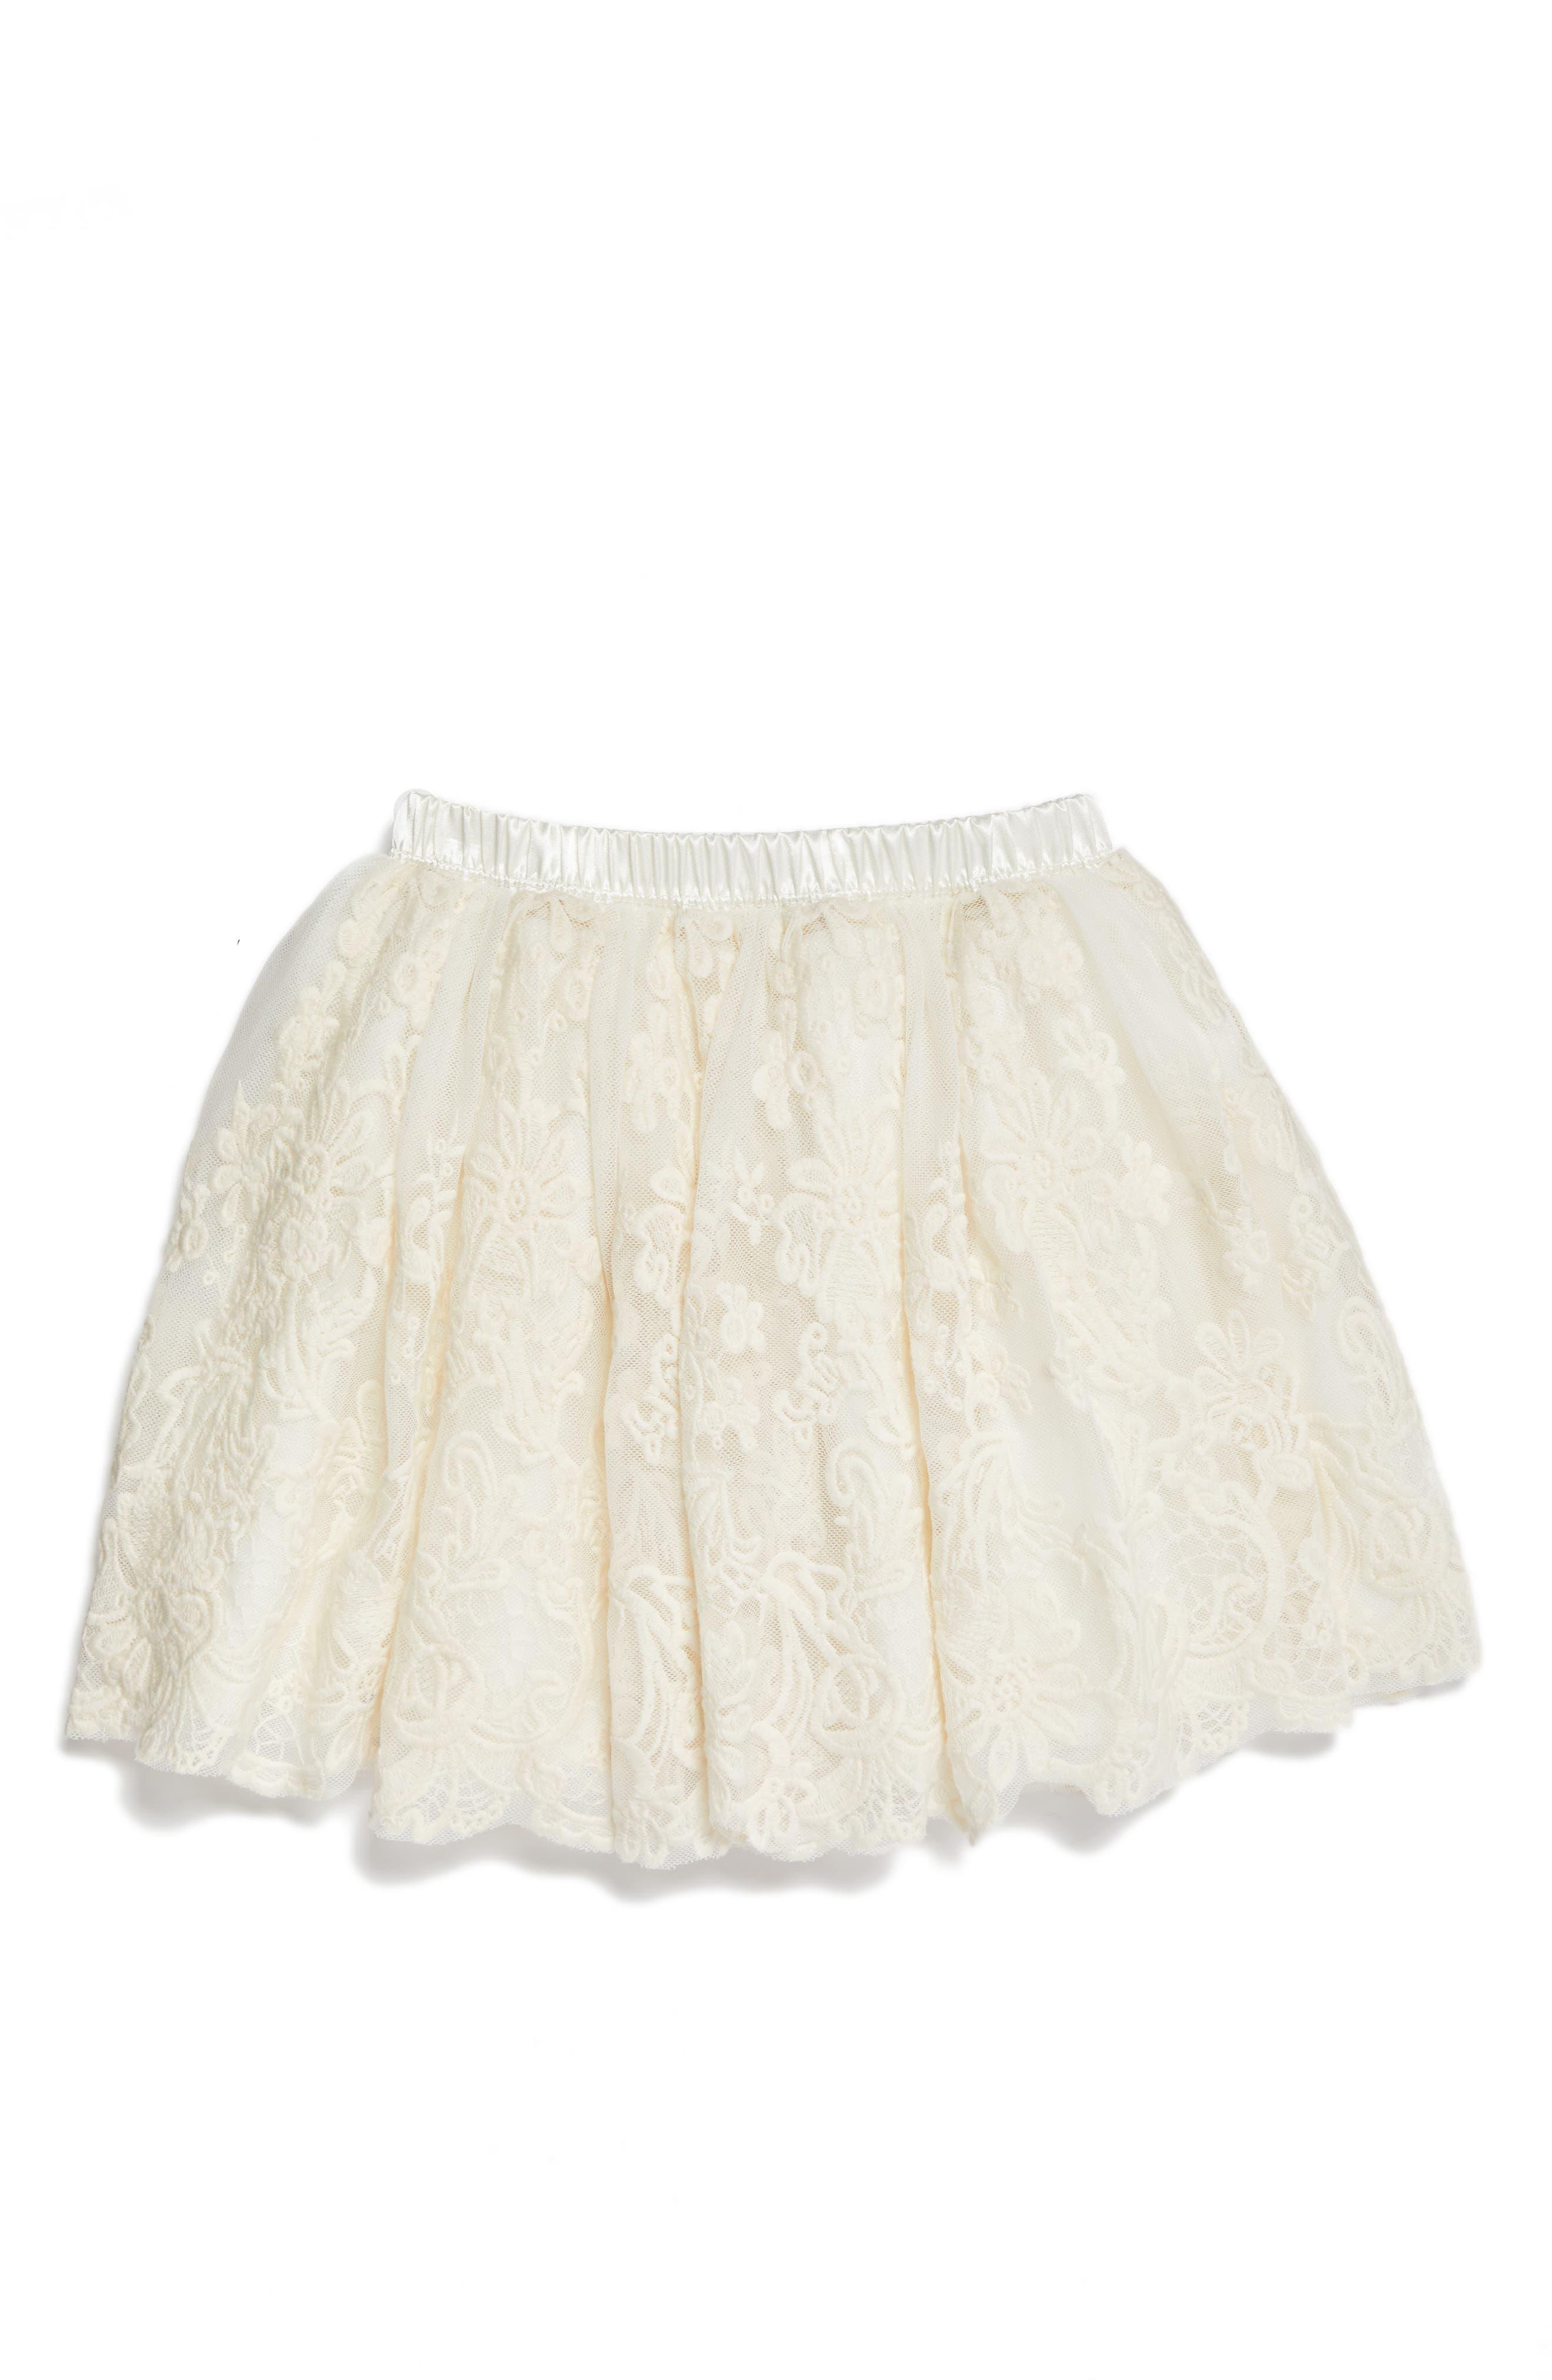 POPATU, Lace Tutu Skirt, Main thumbnail 1, color, IVORY